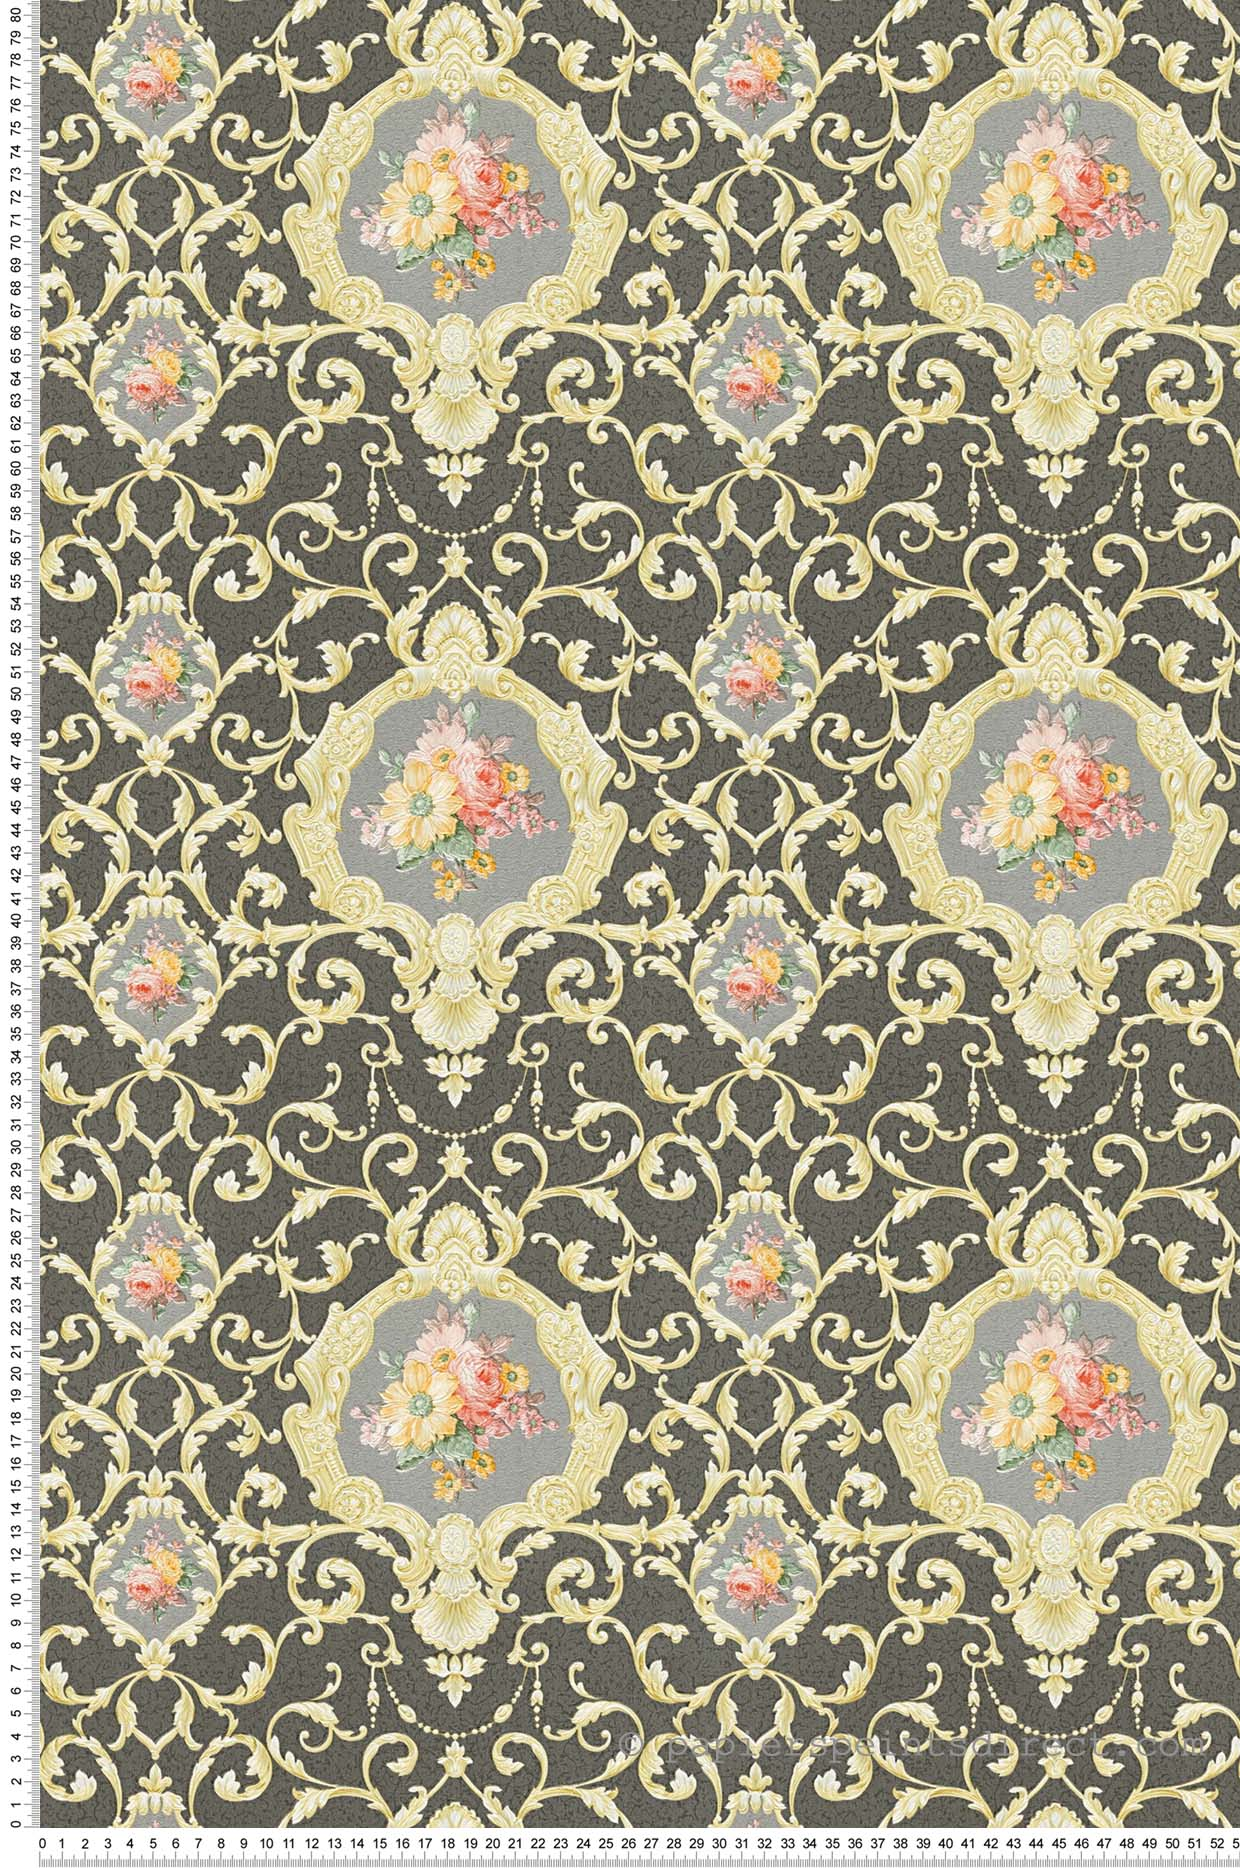 Papier peint Chenonceau fleur gris-noir - Château 5 AS Création | Réf. SP04205